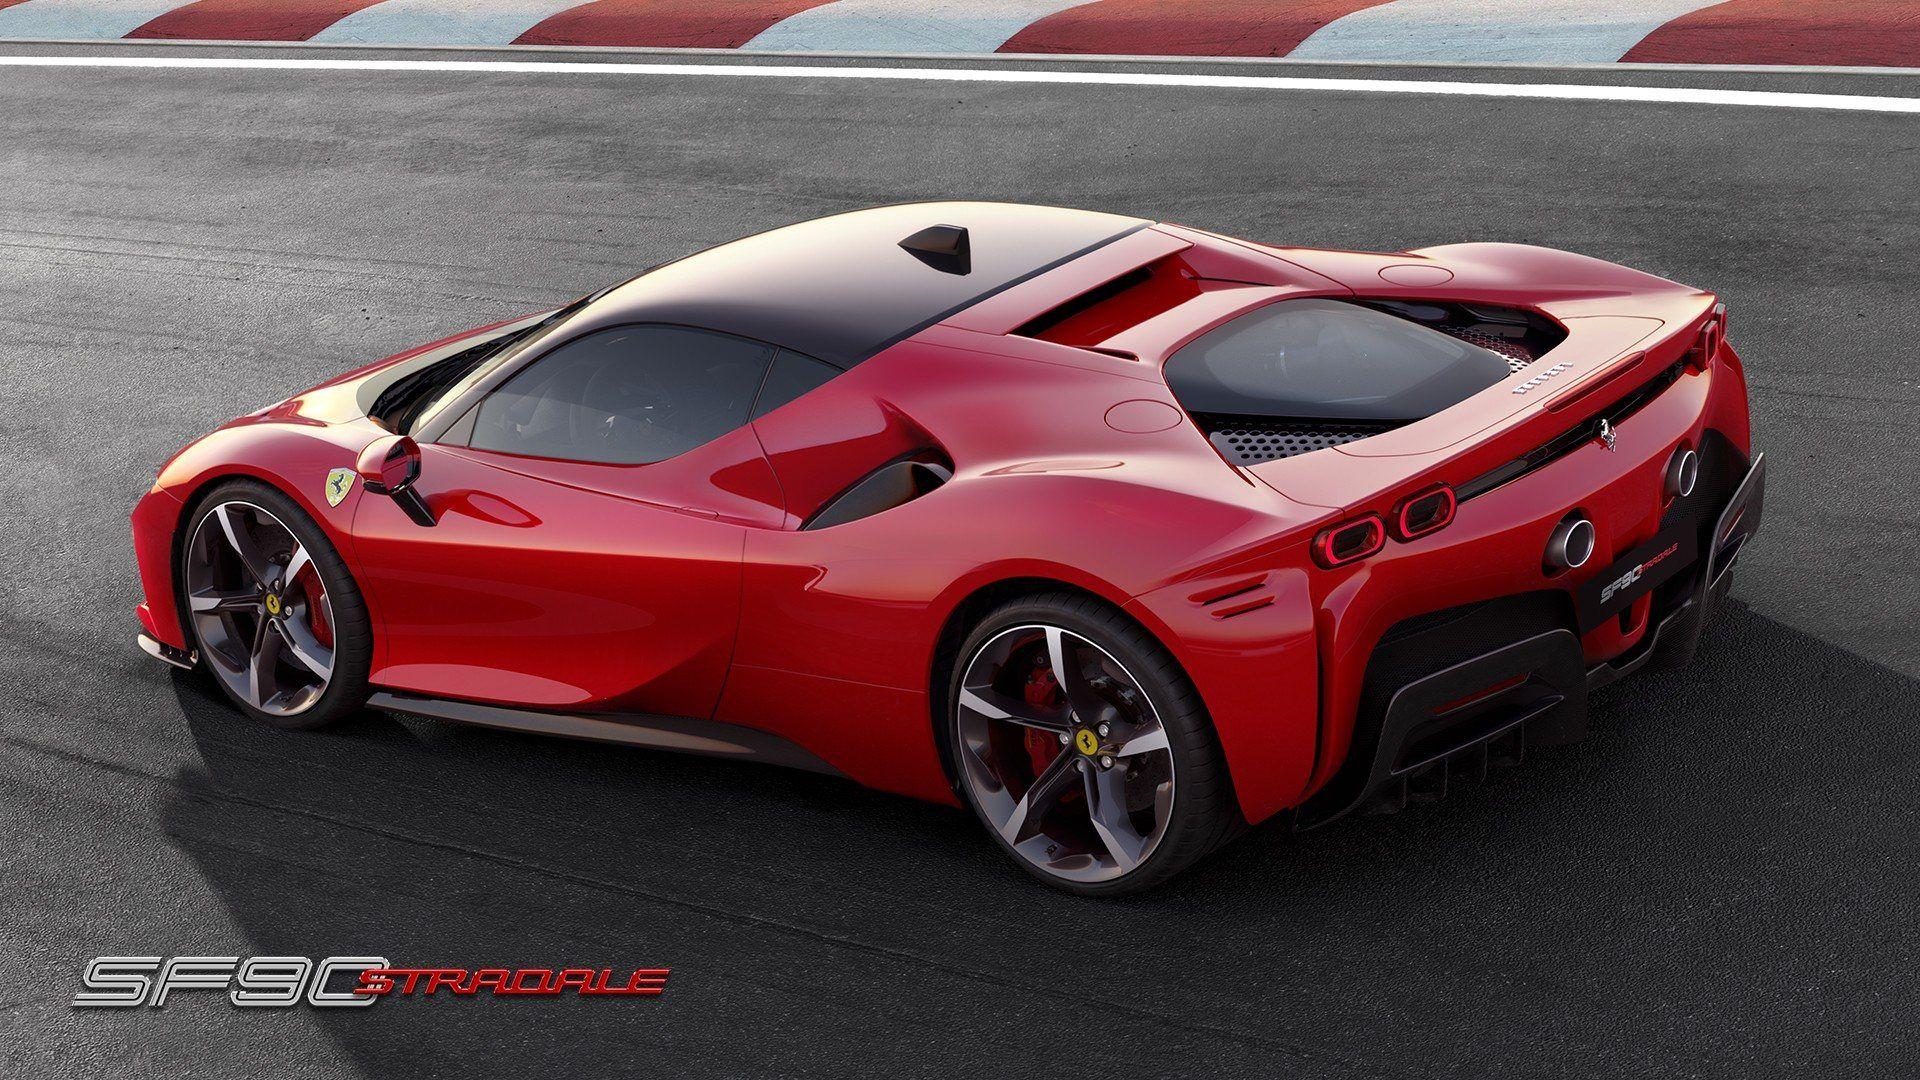 2021 Infiniti Q60 Coupe Convertible Price In 2020 Super Cars New Ferrari Ferrari